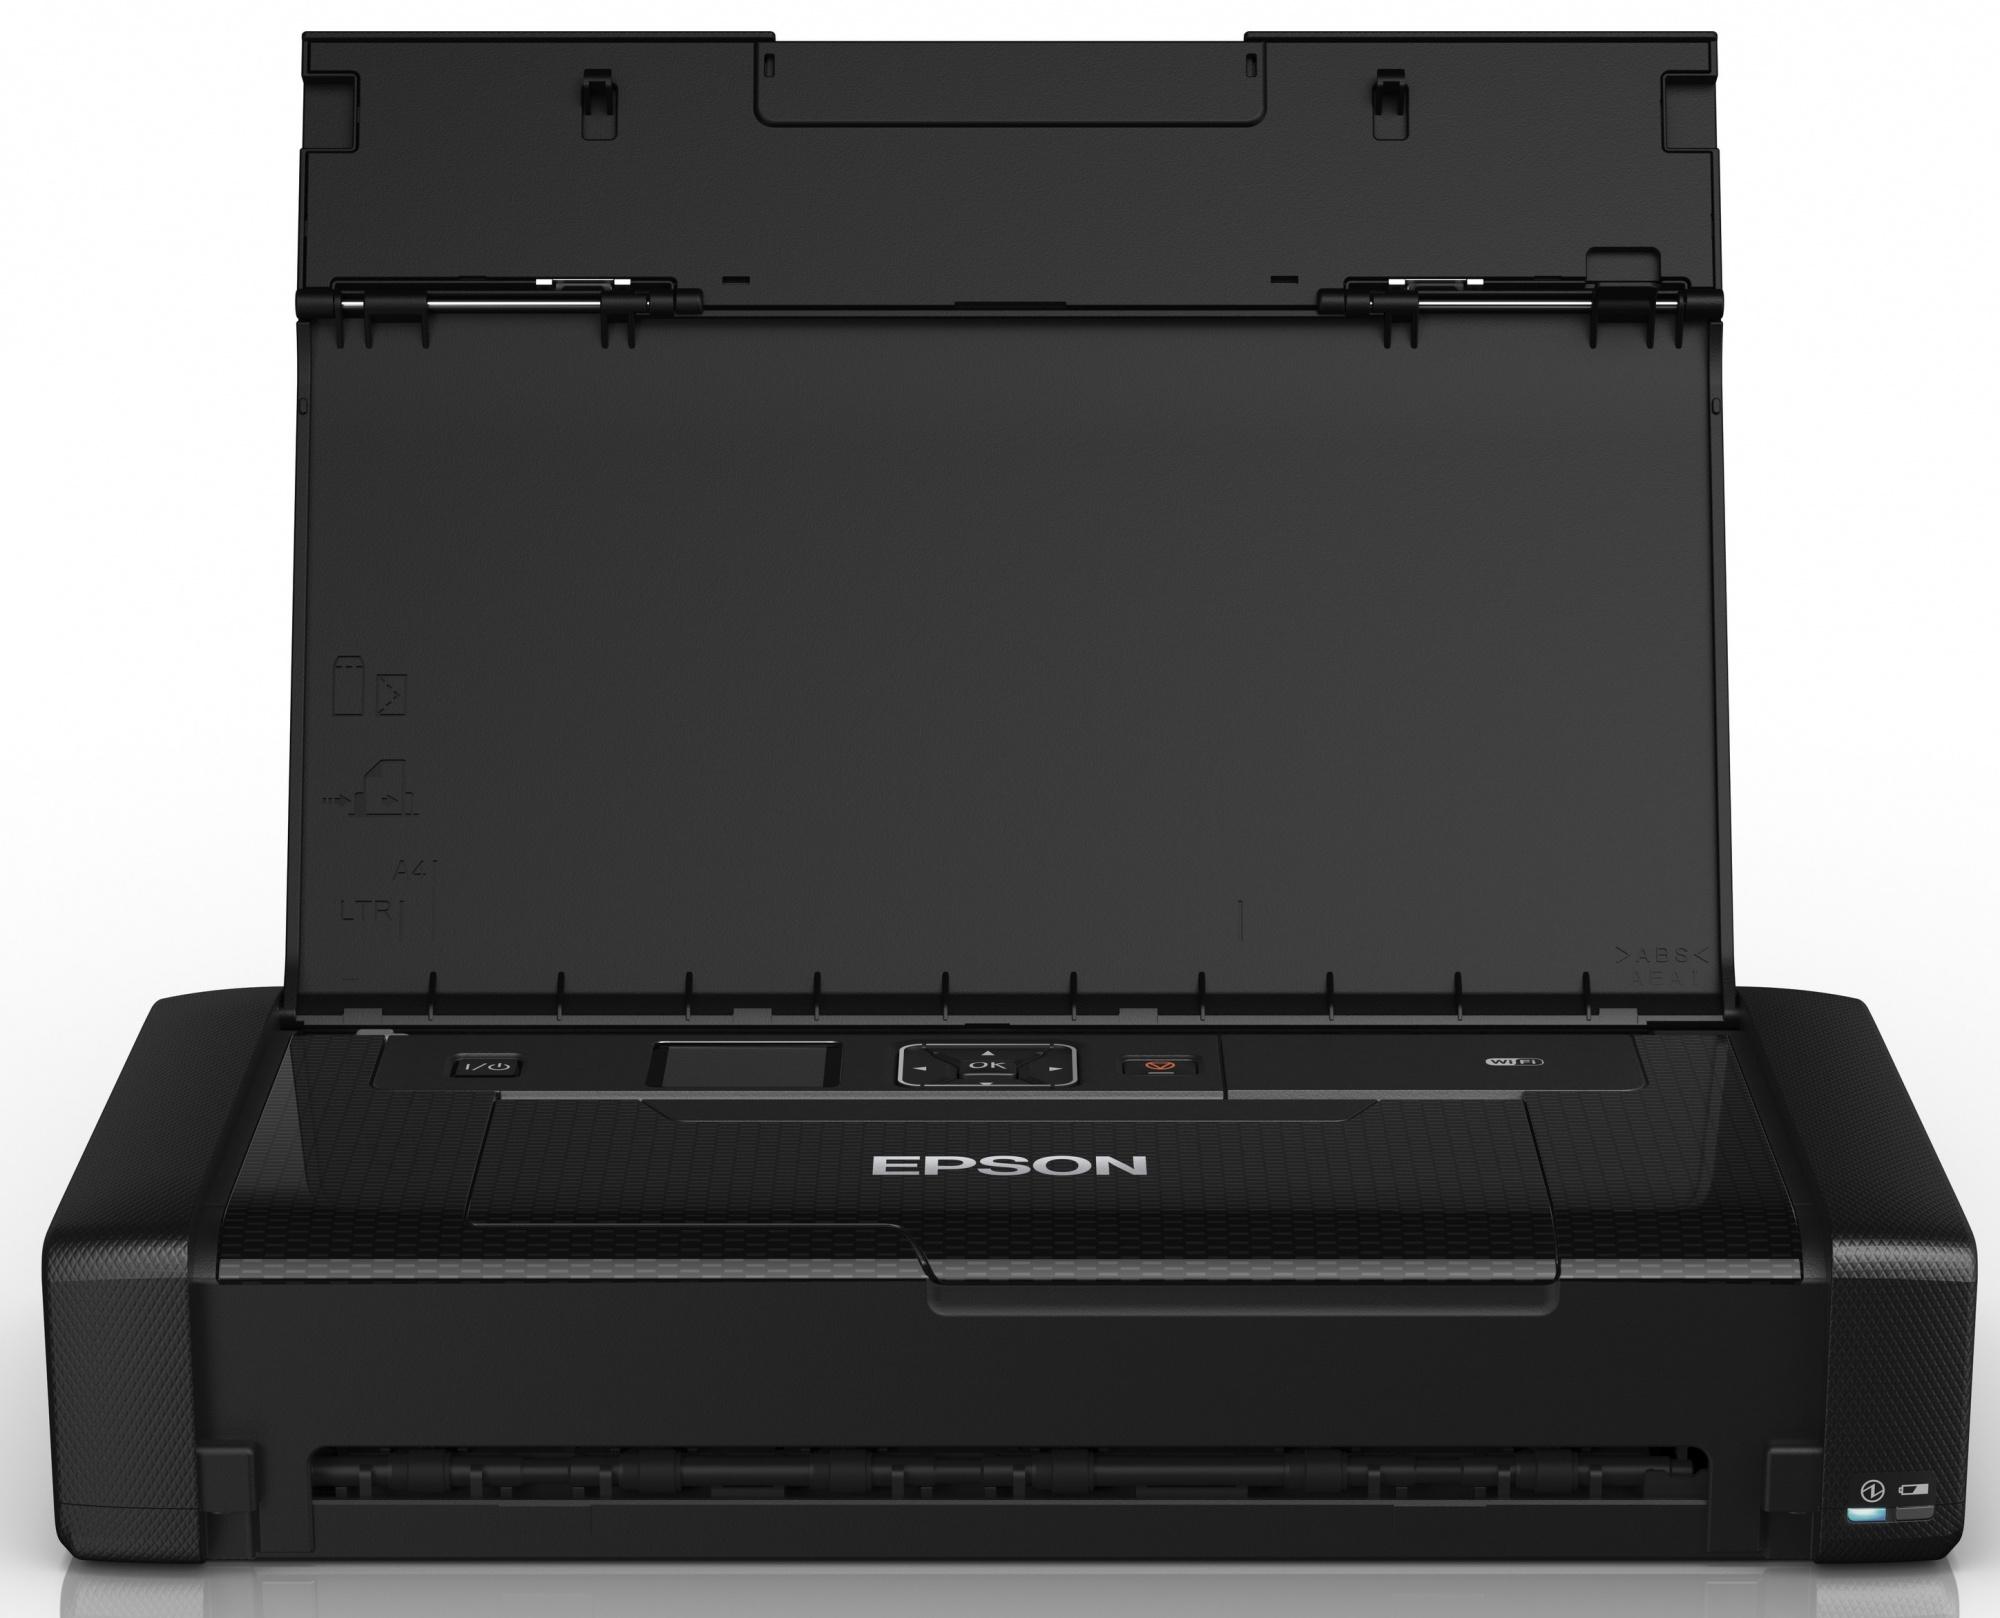 Epson WorkForce WF-100W (C11CE05403) - струйный цветной принтер (Black)